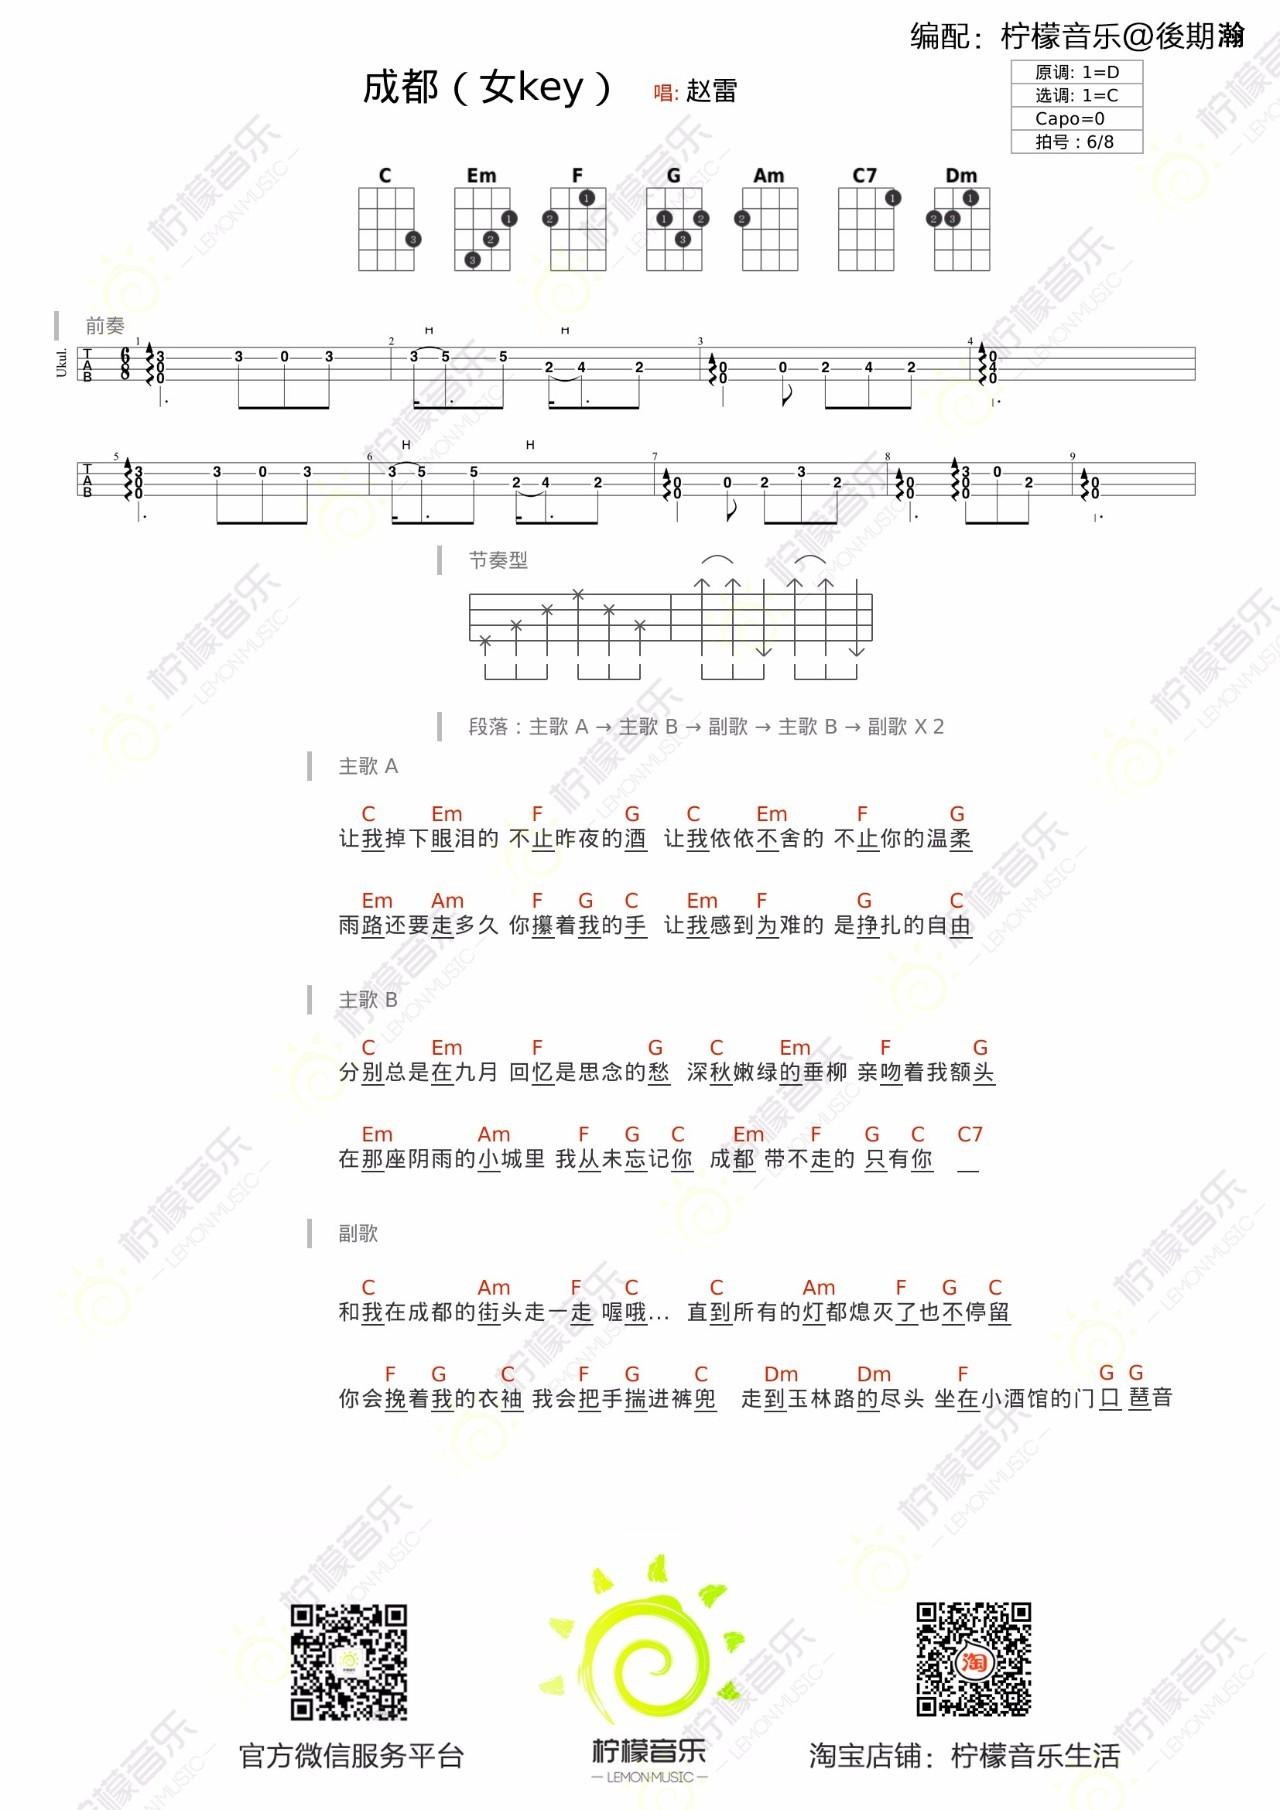 《成都》ukulele谱女生版